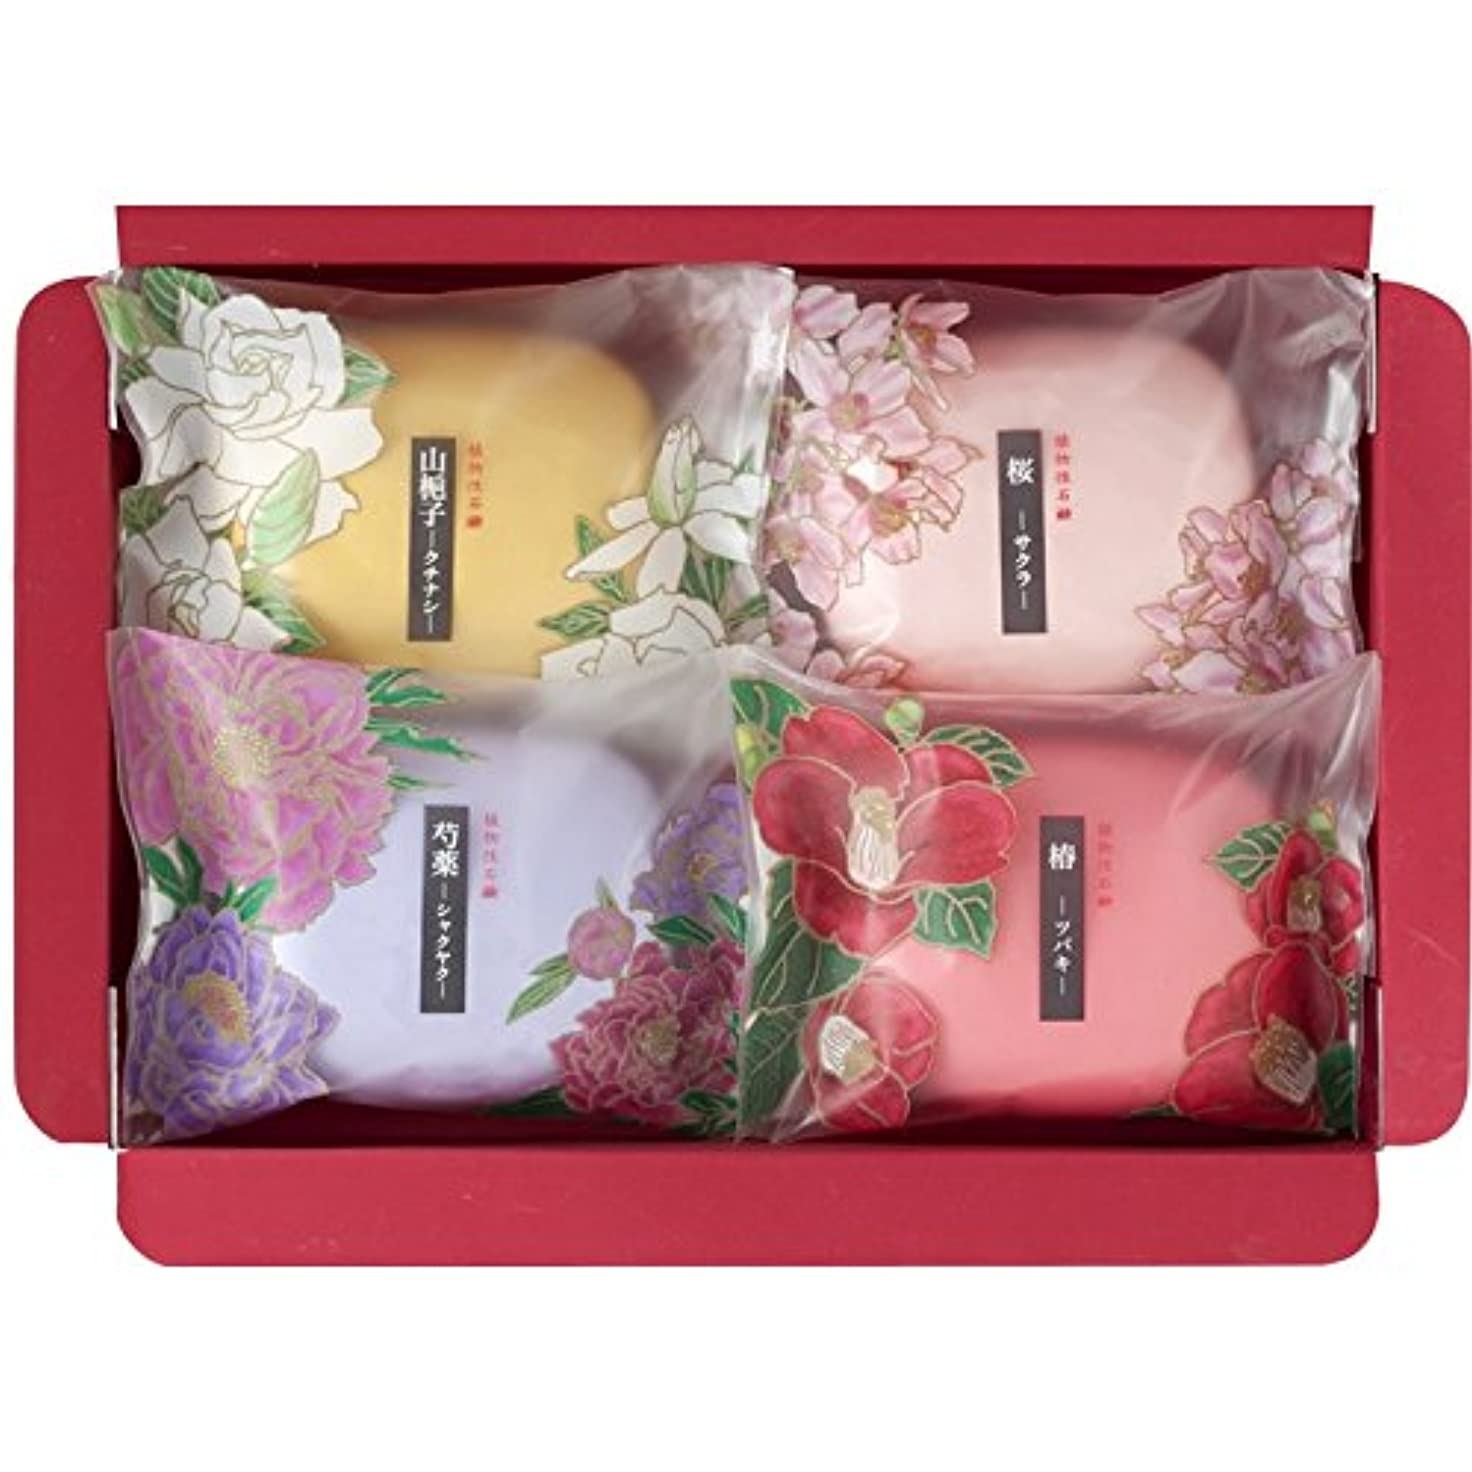 瞑想するメンテナンスバッフル彩花だより SAK-05 【石けん 石鹸 うるおい いい香り 固形 詰め合わせ セット 良い香り 美容 個包装 肌に優しい 日本製】